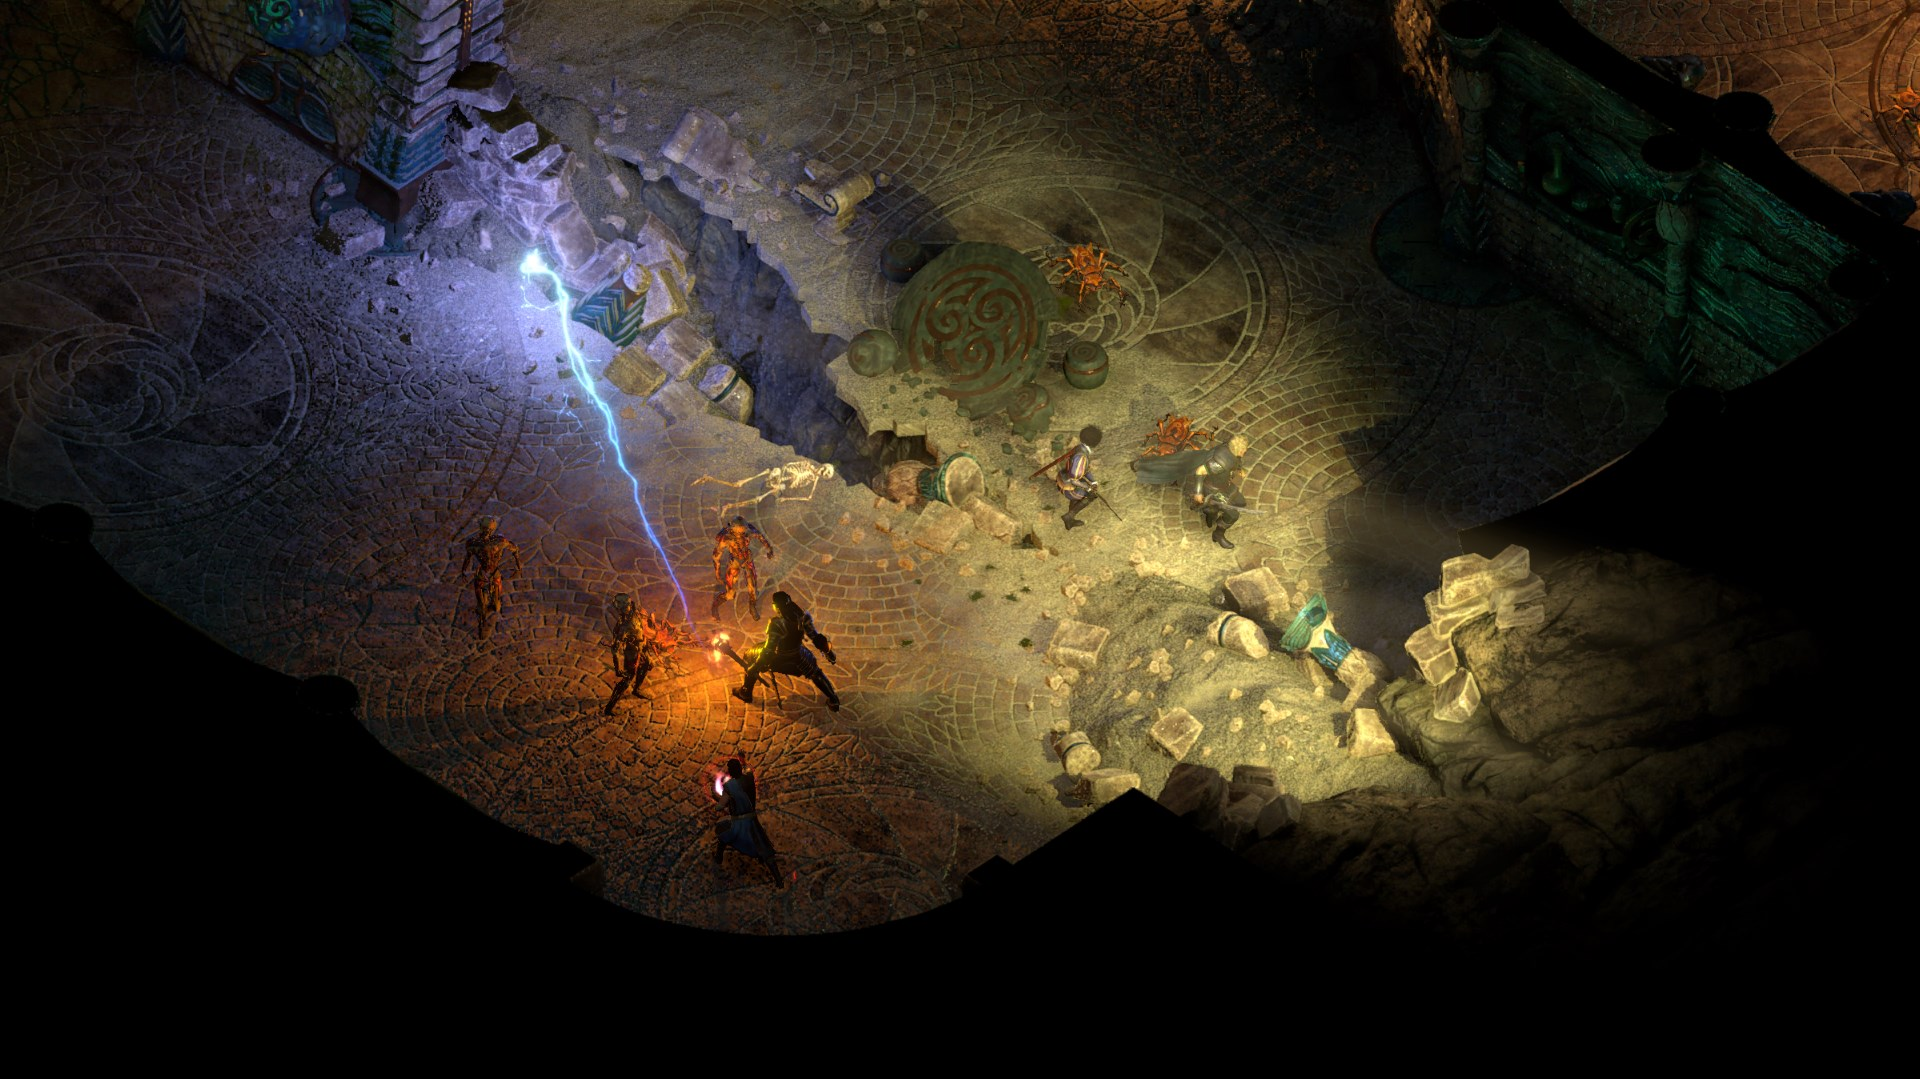 《永恒之柱2:死火》剧情,系统,发布日及汉化